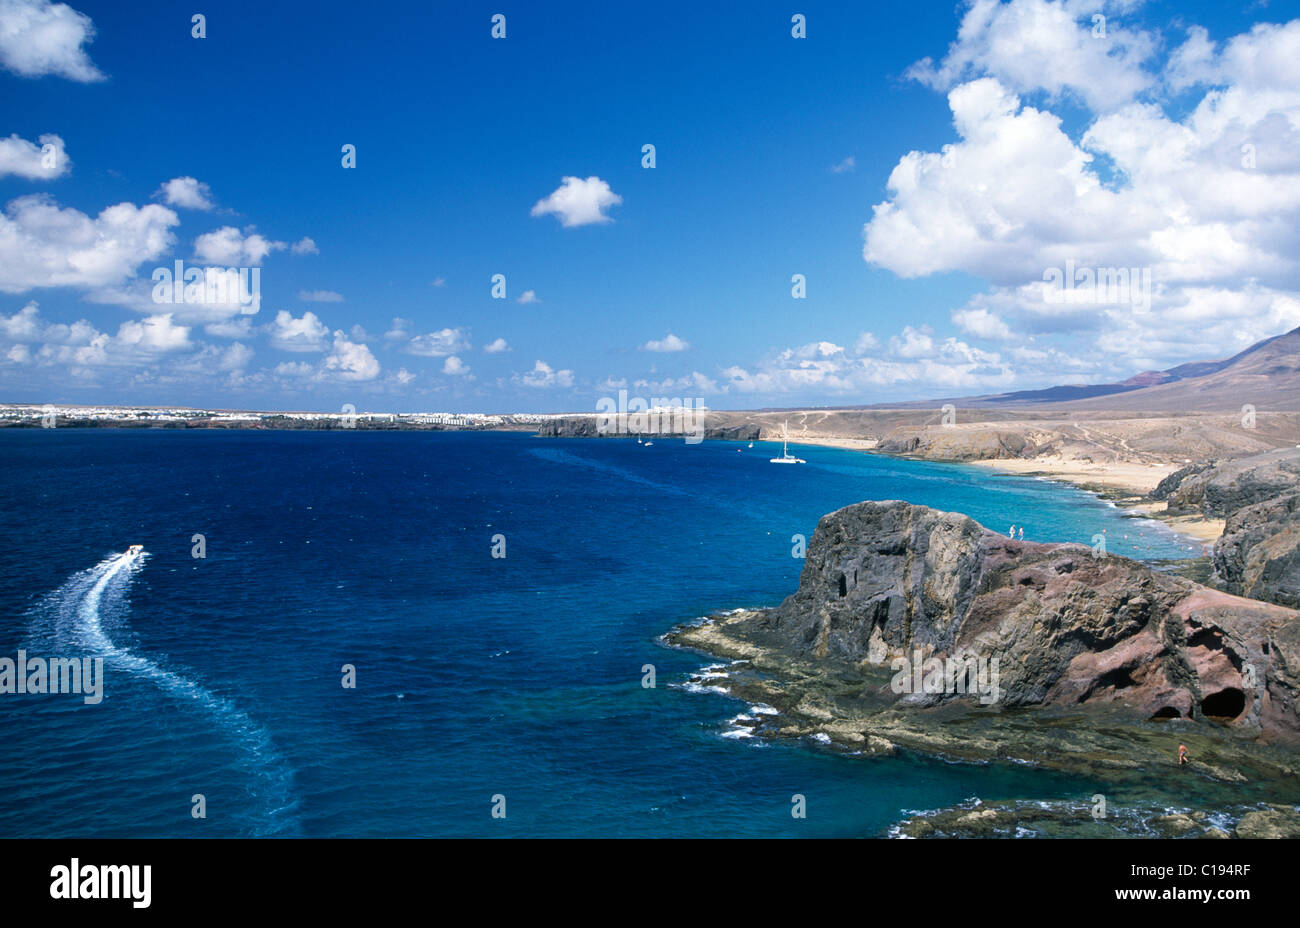 Playa Papagayo, Lanzarote, Kanarische Inseln, Spanien, Europa Stockbild